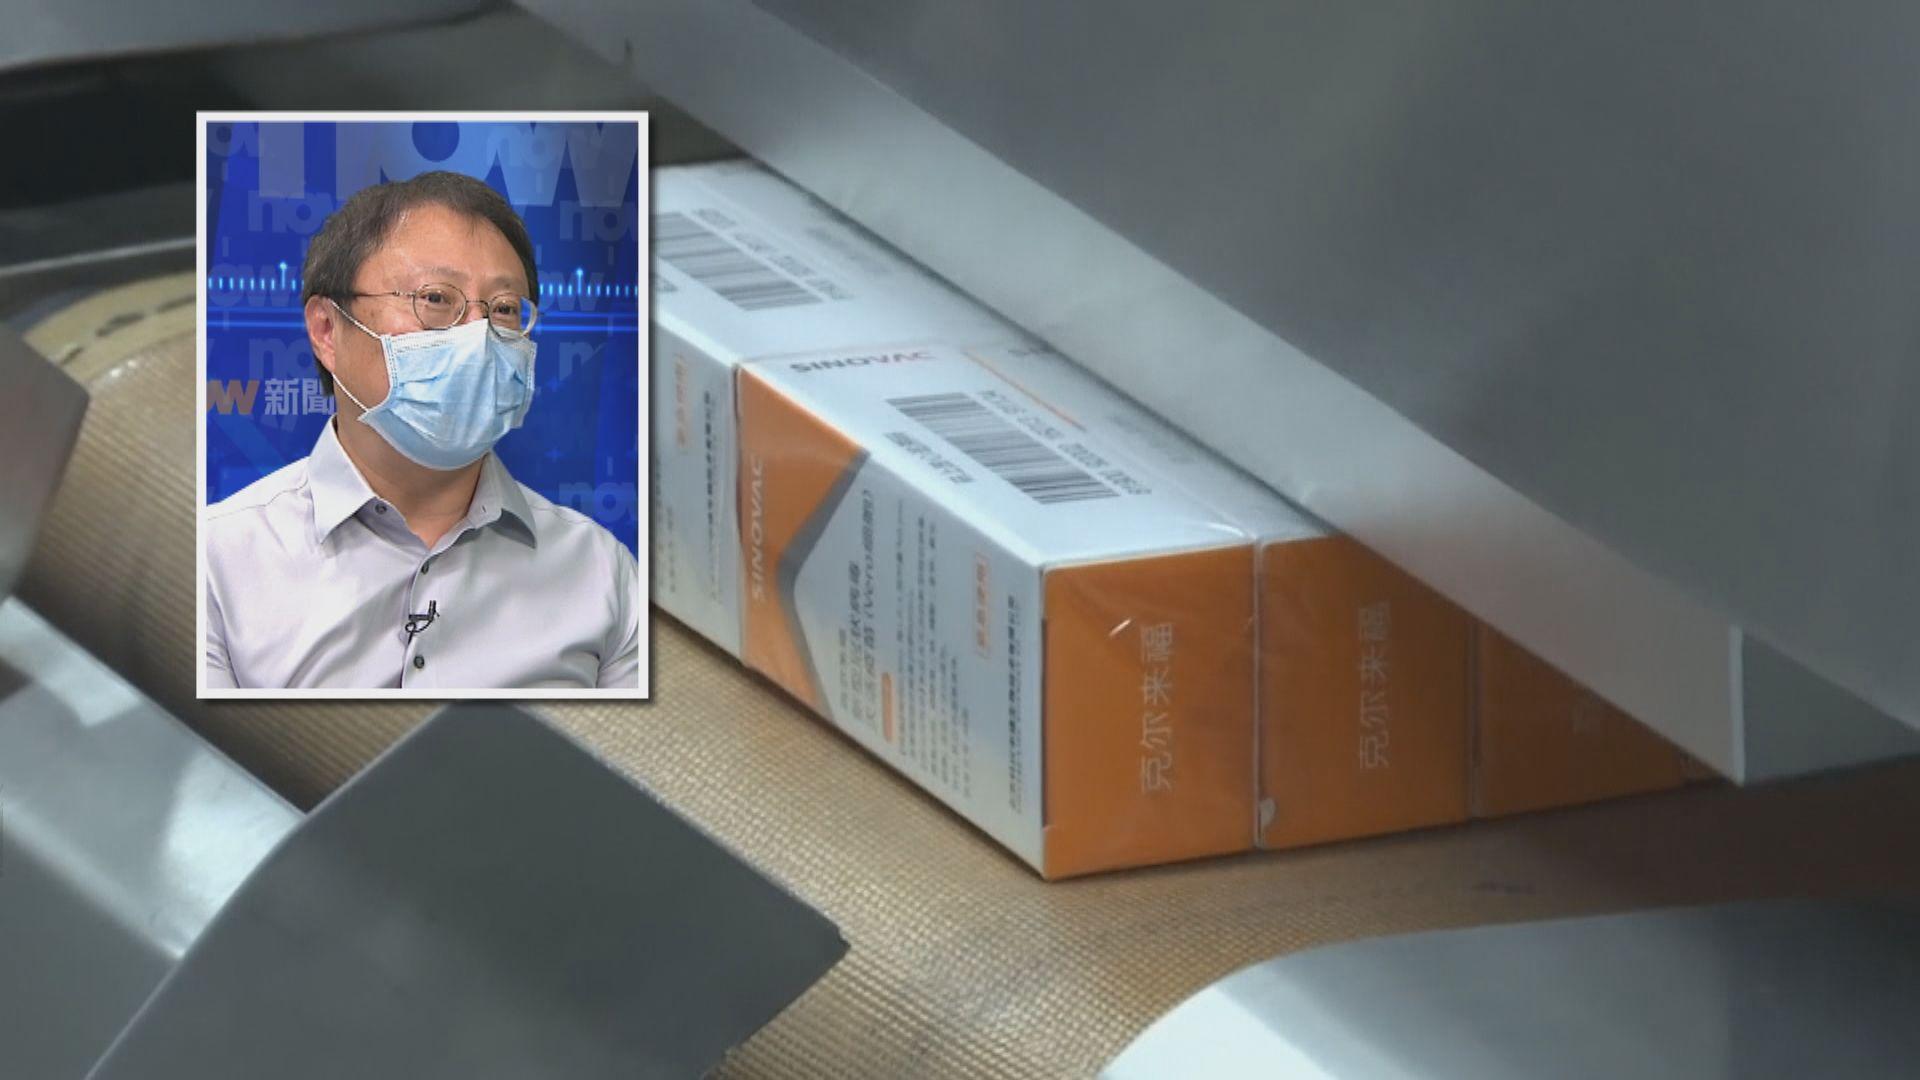 曾浩輝:科興不提交第三期數據無法啟動疫苗審核程序